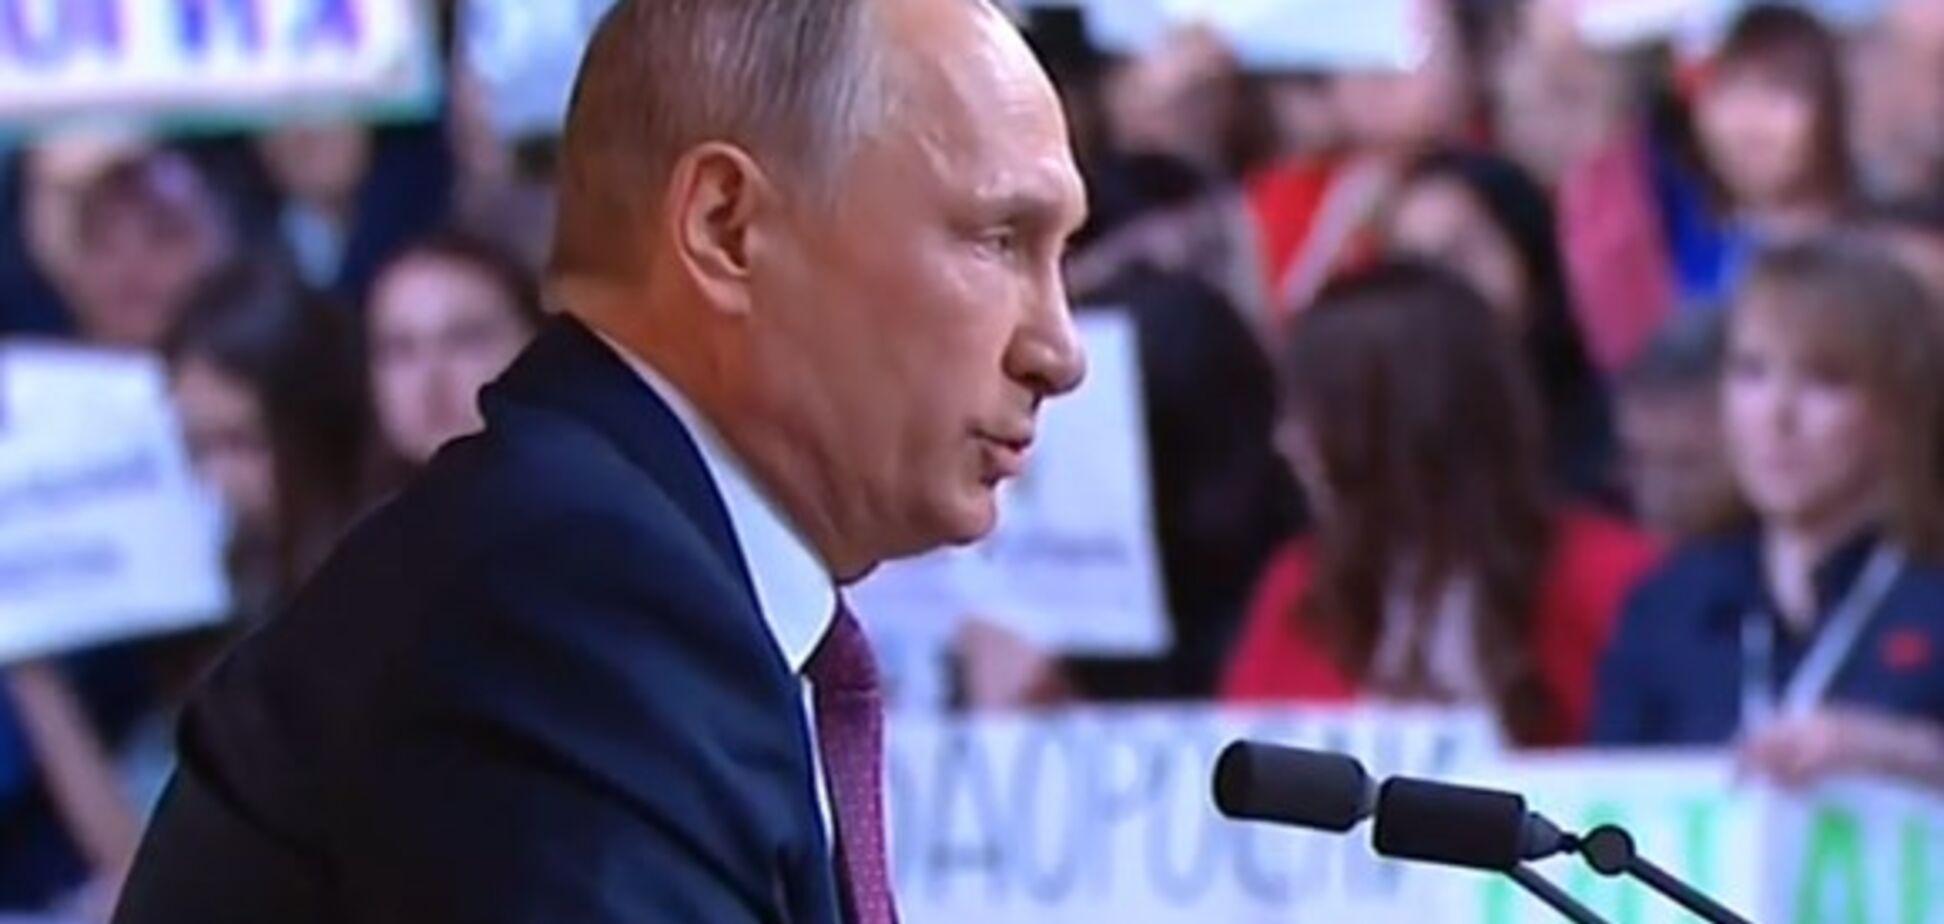 'Чьи вы будете': Путин раскрыл секрет своего участия в выборах